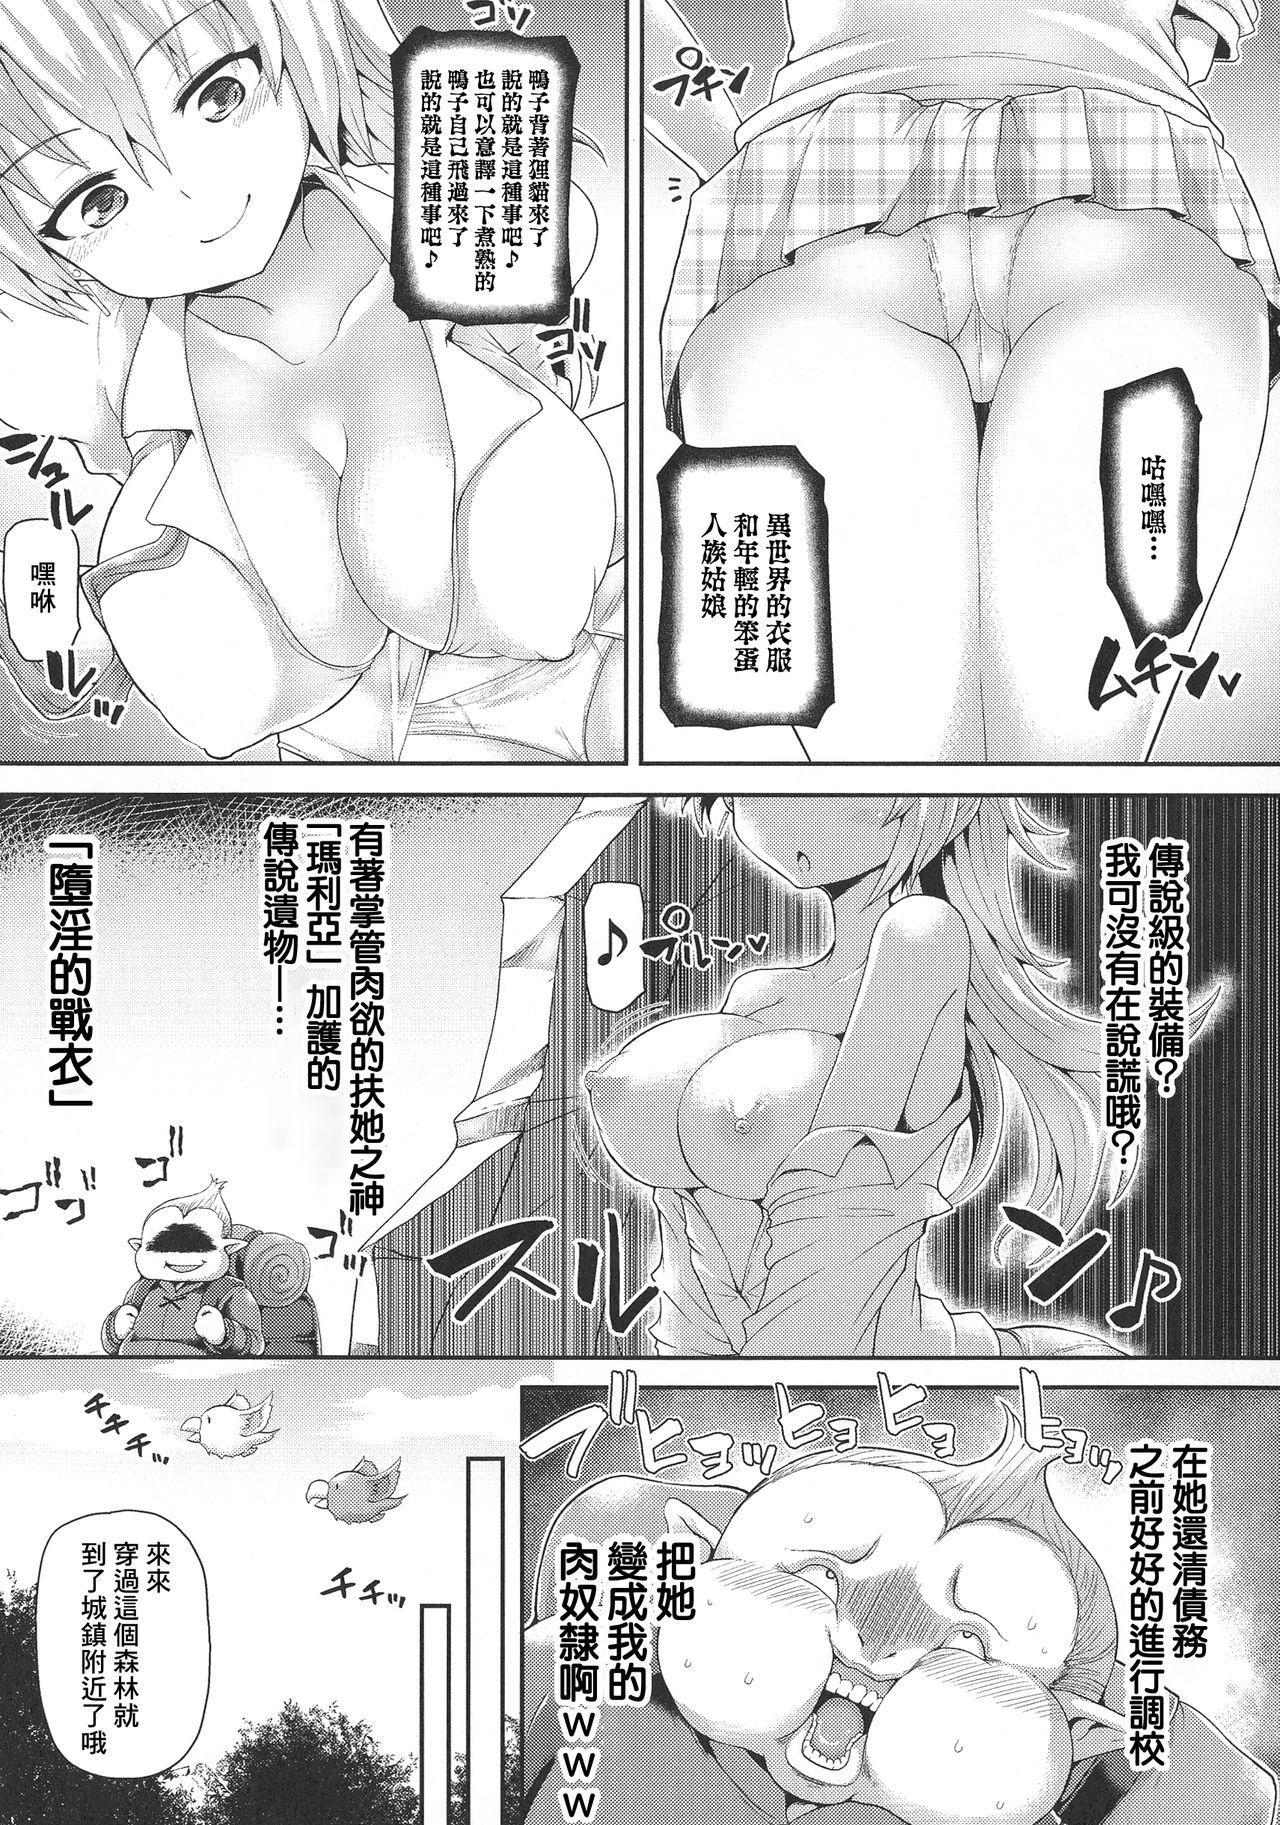 Futanari Gal Brave - Tsuiteru Gal Yuusha Isekai no ji ni Botsu 9